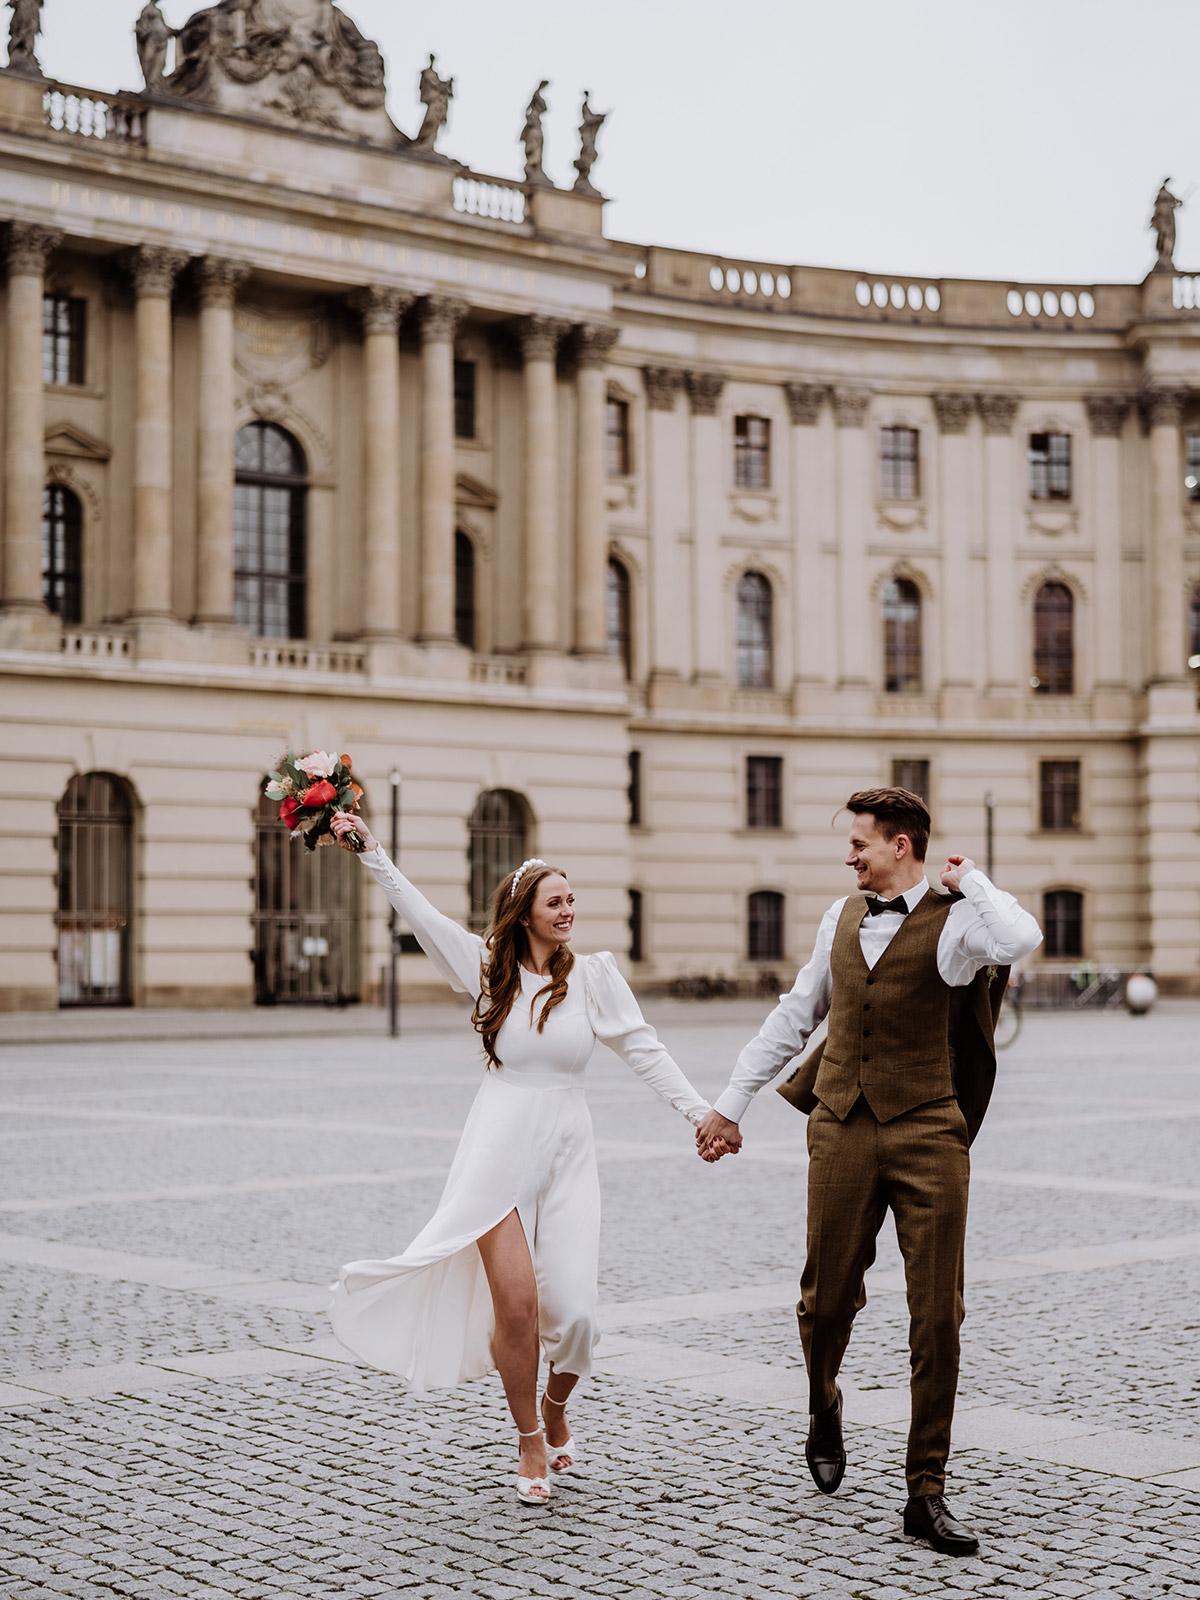 Hochzeitsfotografin hält jubelndes Hochzeitspaar auf Bebelplatz mitten in Berlin fest. Das Winter Hochzeitsoutfit der Braut bestand aus einem langärmligen Brautkleid mit Puffärmeln und Schlitz an der Seite. © www.hochzeitslicht.de #hochzeitslicht